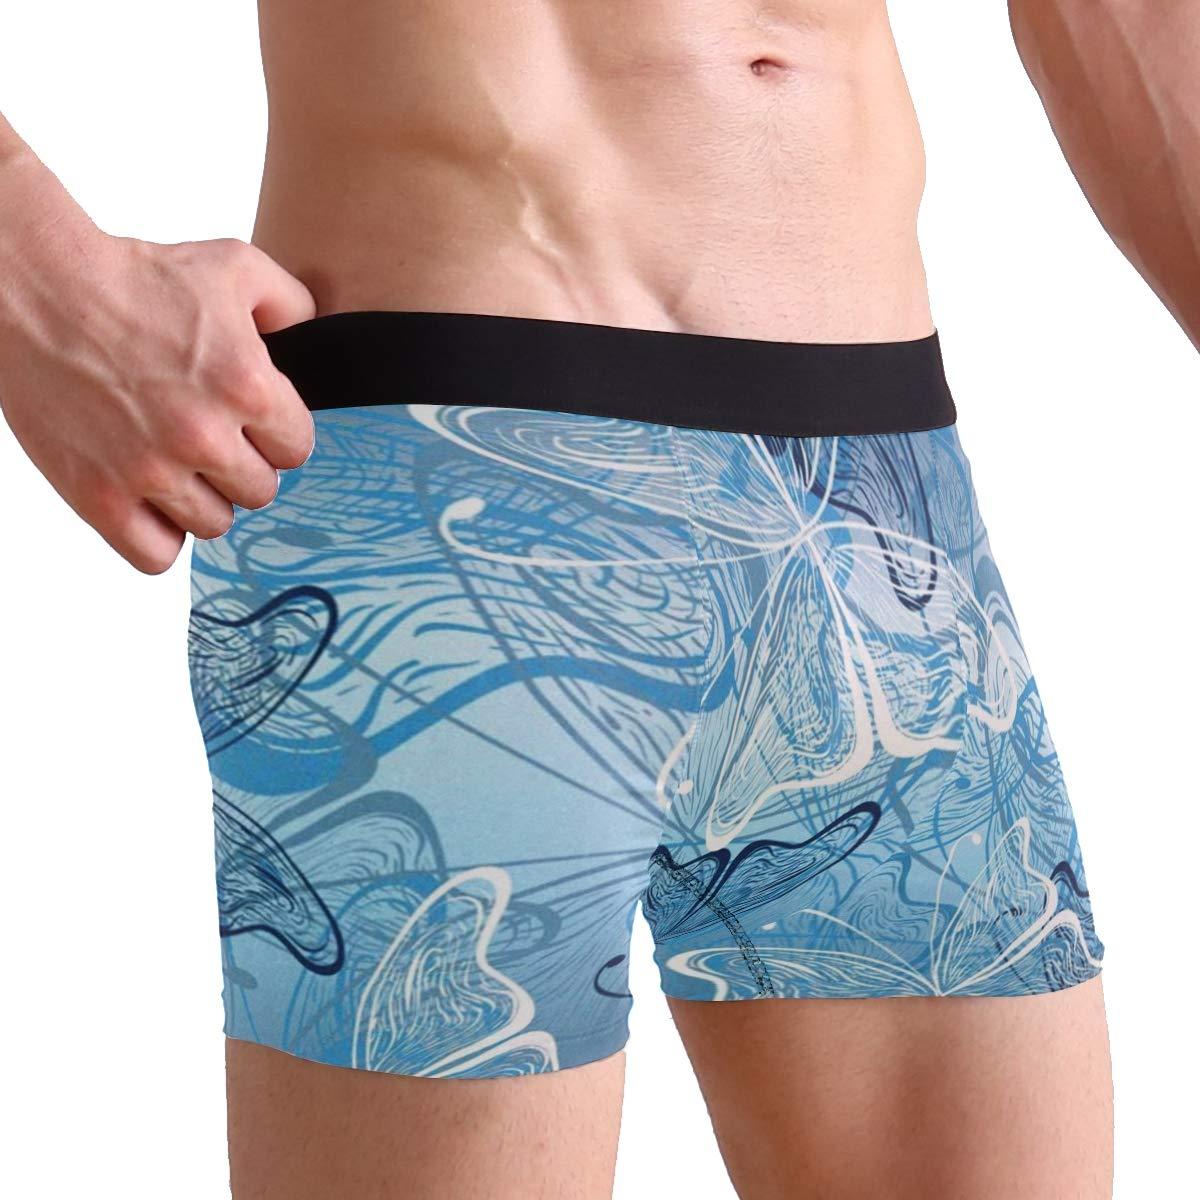 CATSDER Butterflies Blue Boxer Briefs Mens Underwear Pack Seamless Comfort Soft